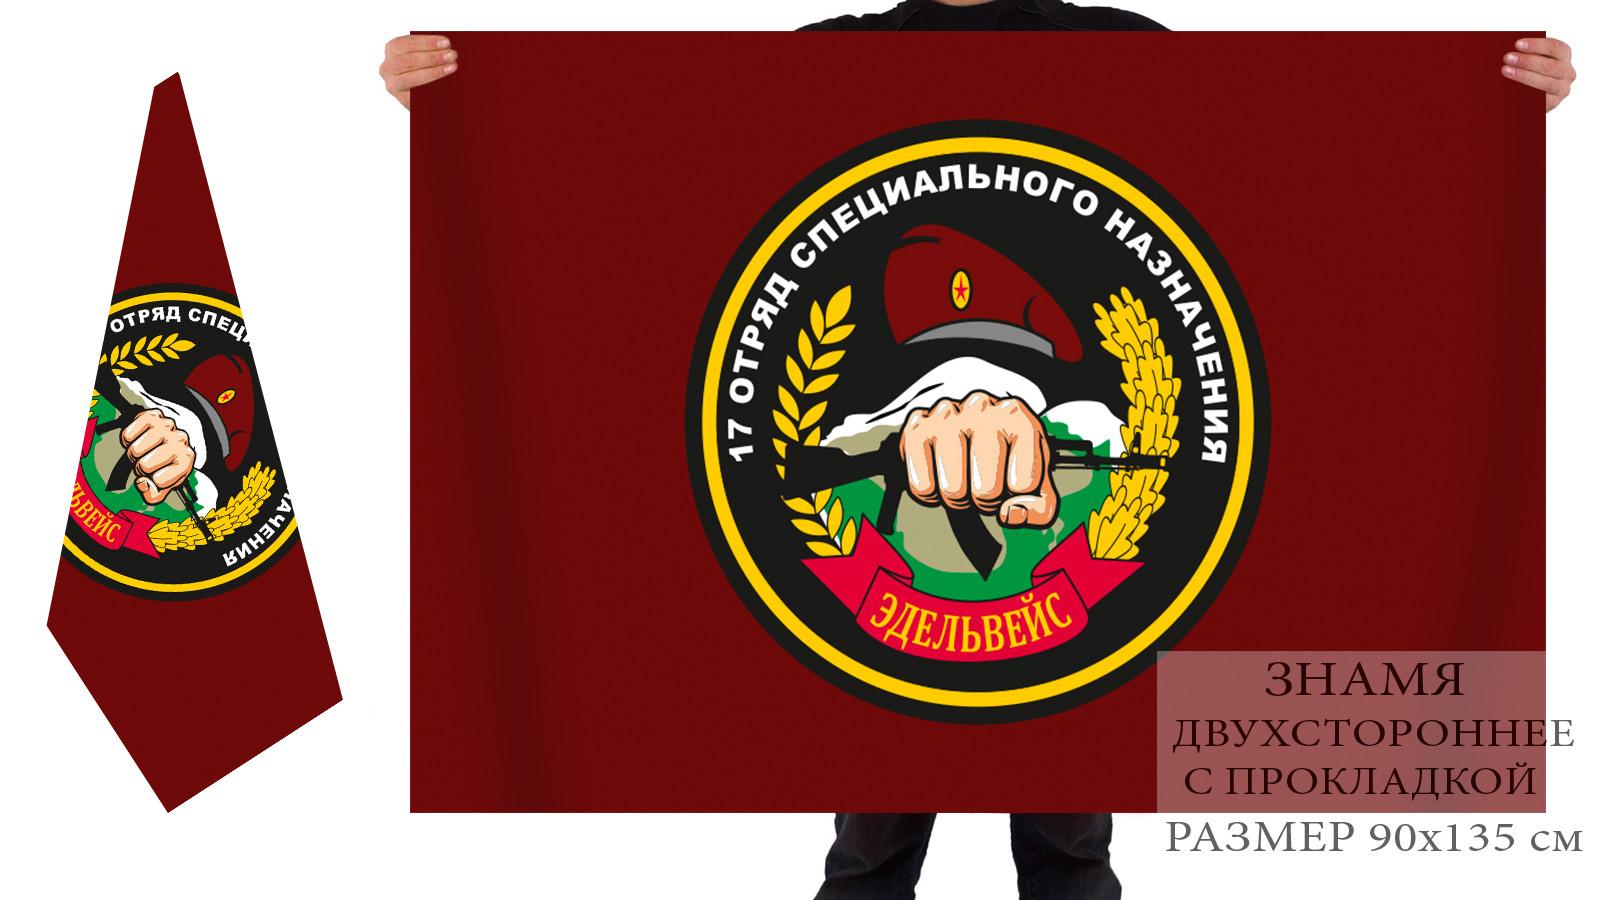 Заказать в Москве флаг 17 ОСН Эдельвейс